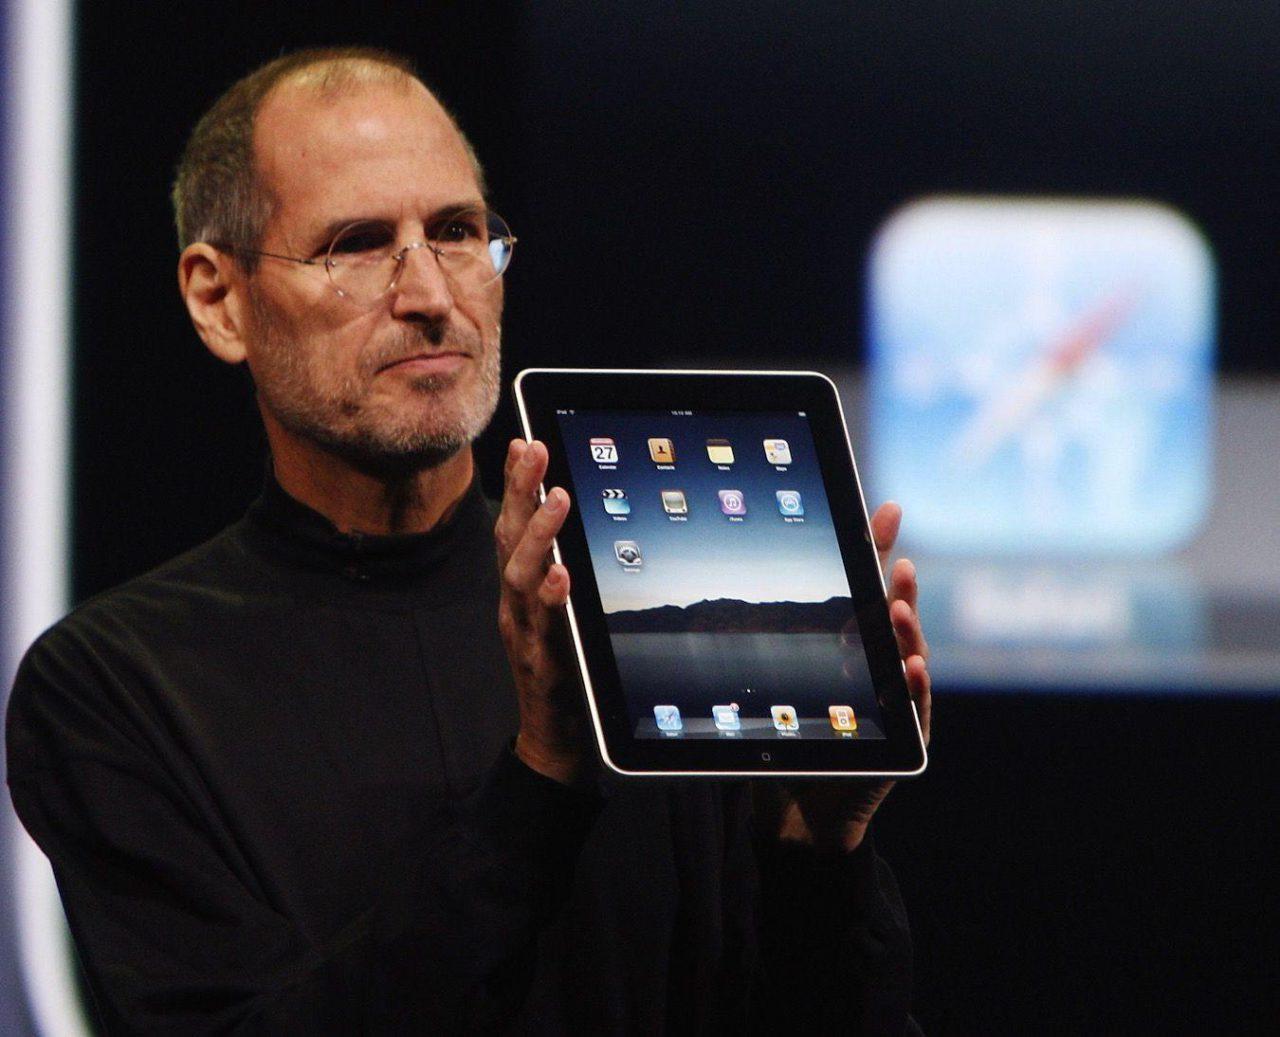 První tablet iPad představil Steve Jobs v roce 2010, tedy tři roky po vydání prvního iPhonu.  Ive a Jobs byli po celou dobu spolupráce blízkými a na samém sklonku Jobsova života i důvěrným přáteli.